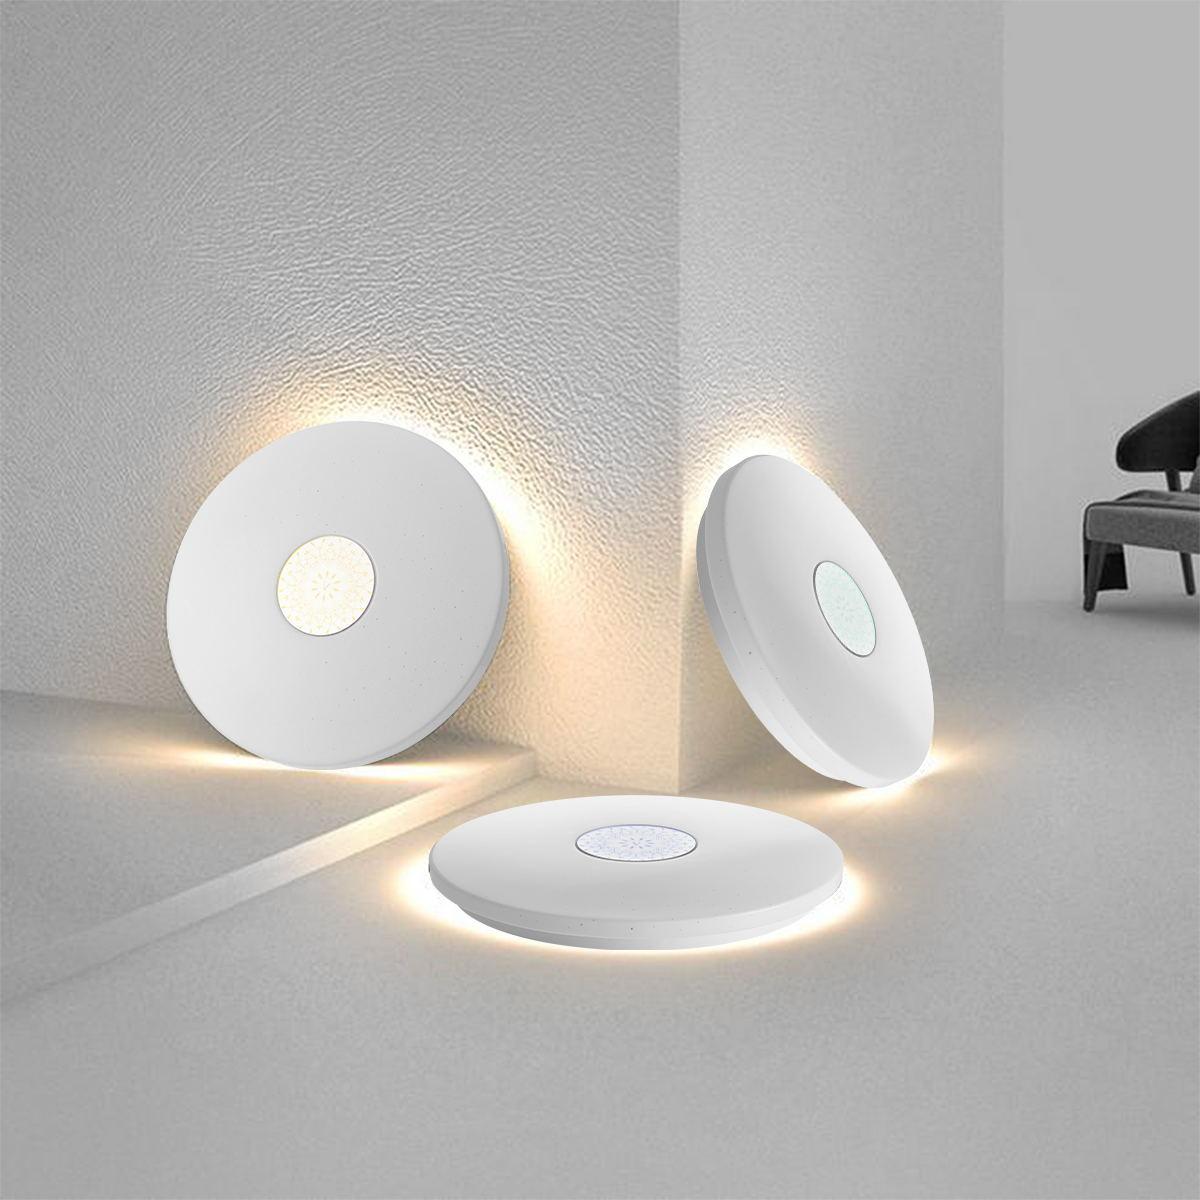 Iluminação led luz de teto redonda mestre quarto sala estudo corredor iluminação moderna estilo contratado